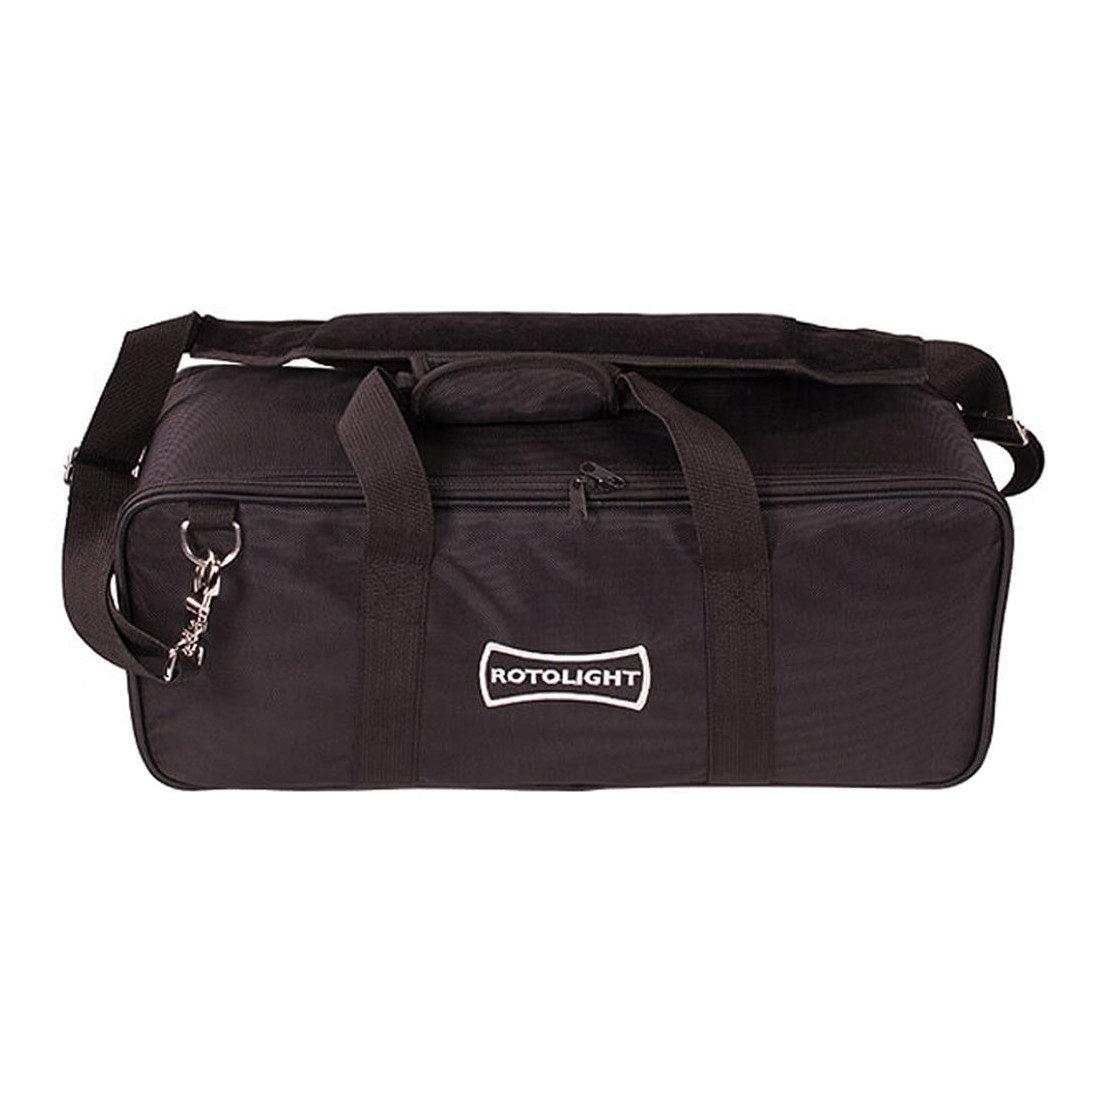 Rotolight Explorer soft bag